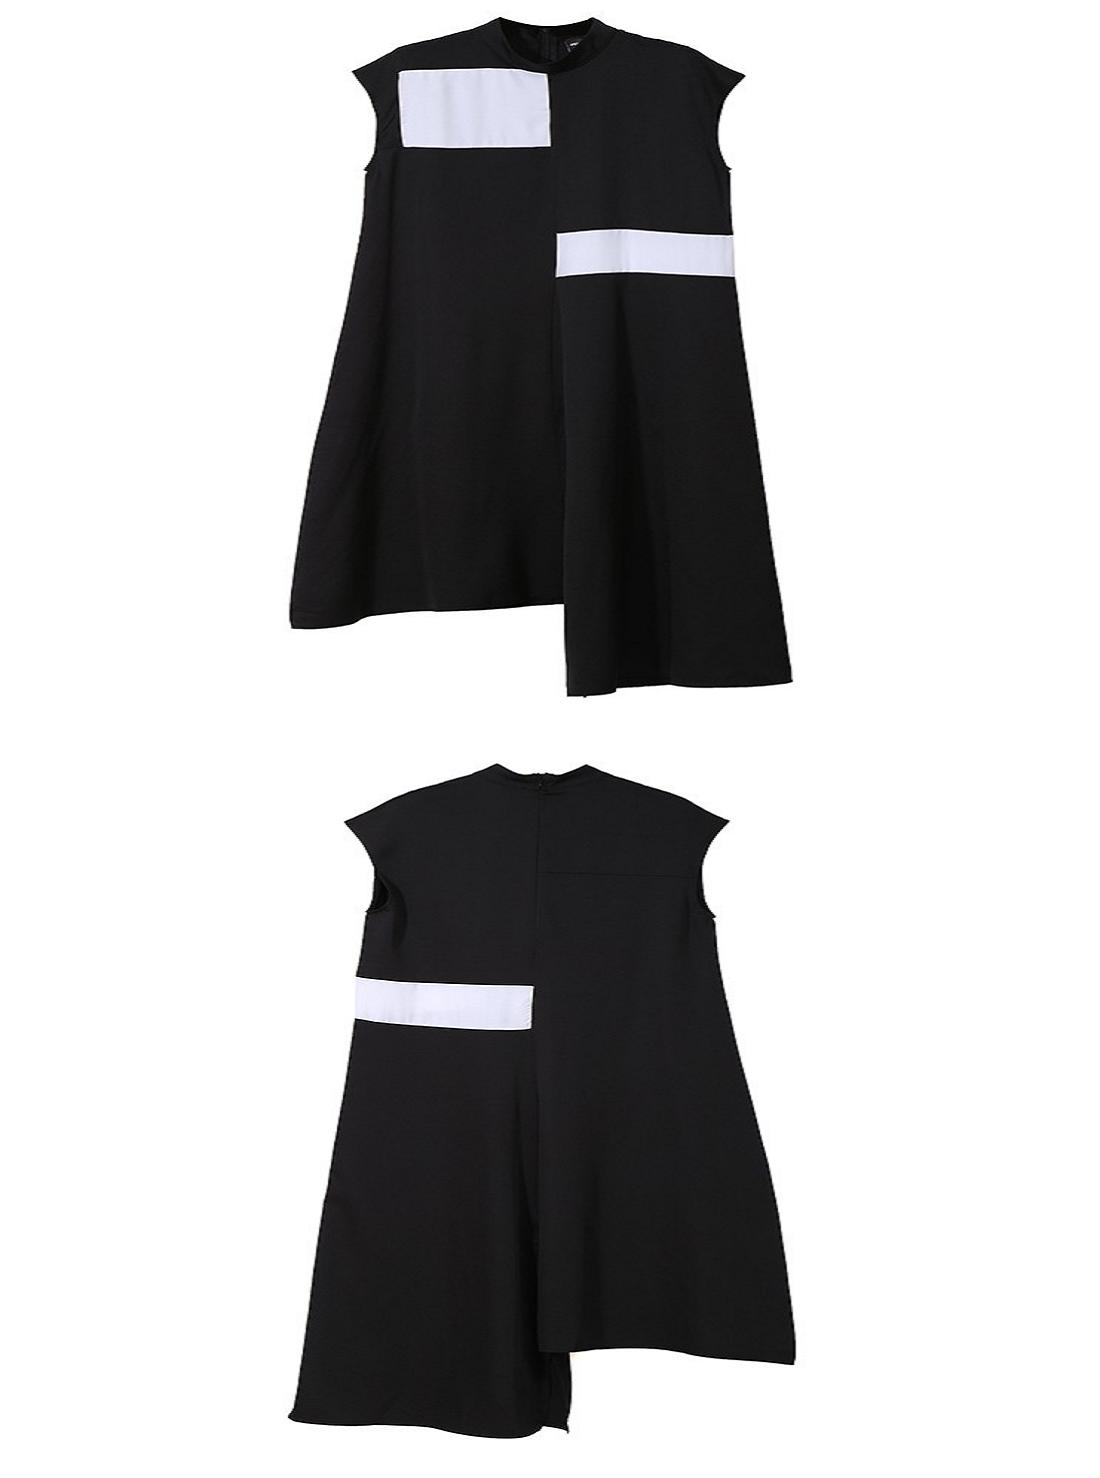 Wholesale Asymmetrical Black Dress